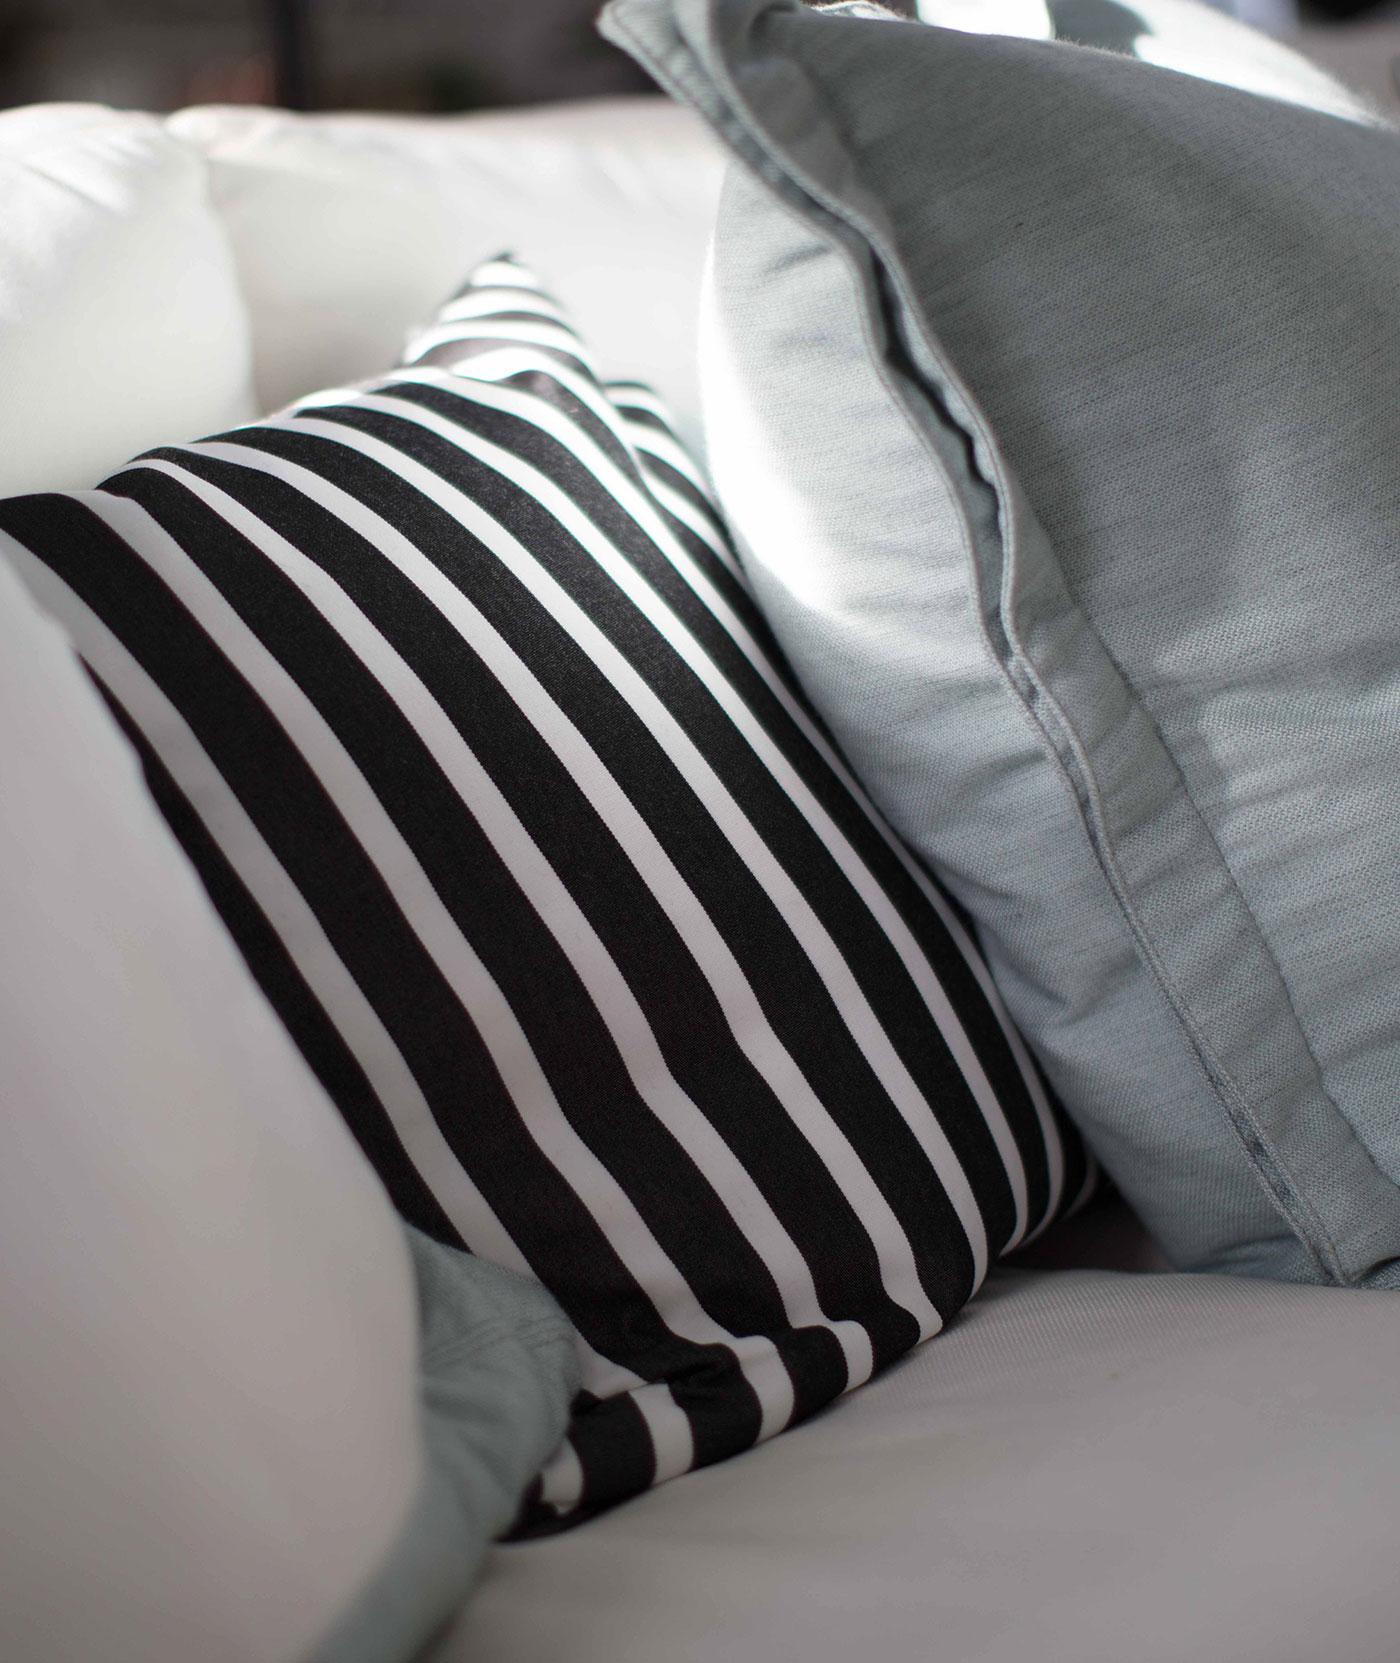 Un divano da interni con cuscini jacquard dai colori neutri e gialli